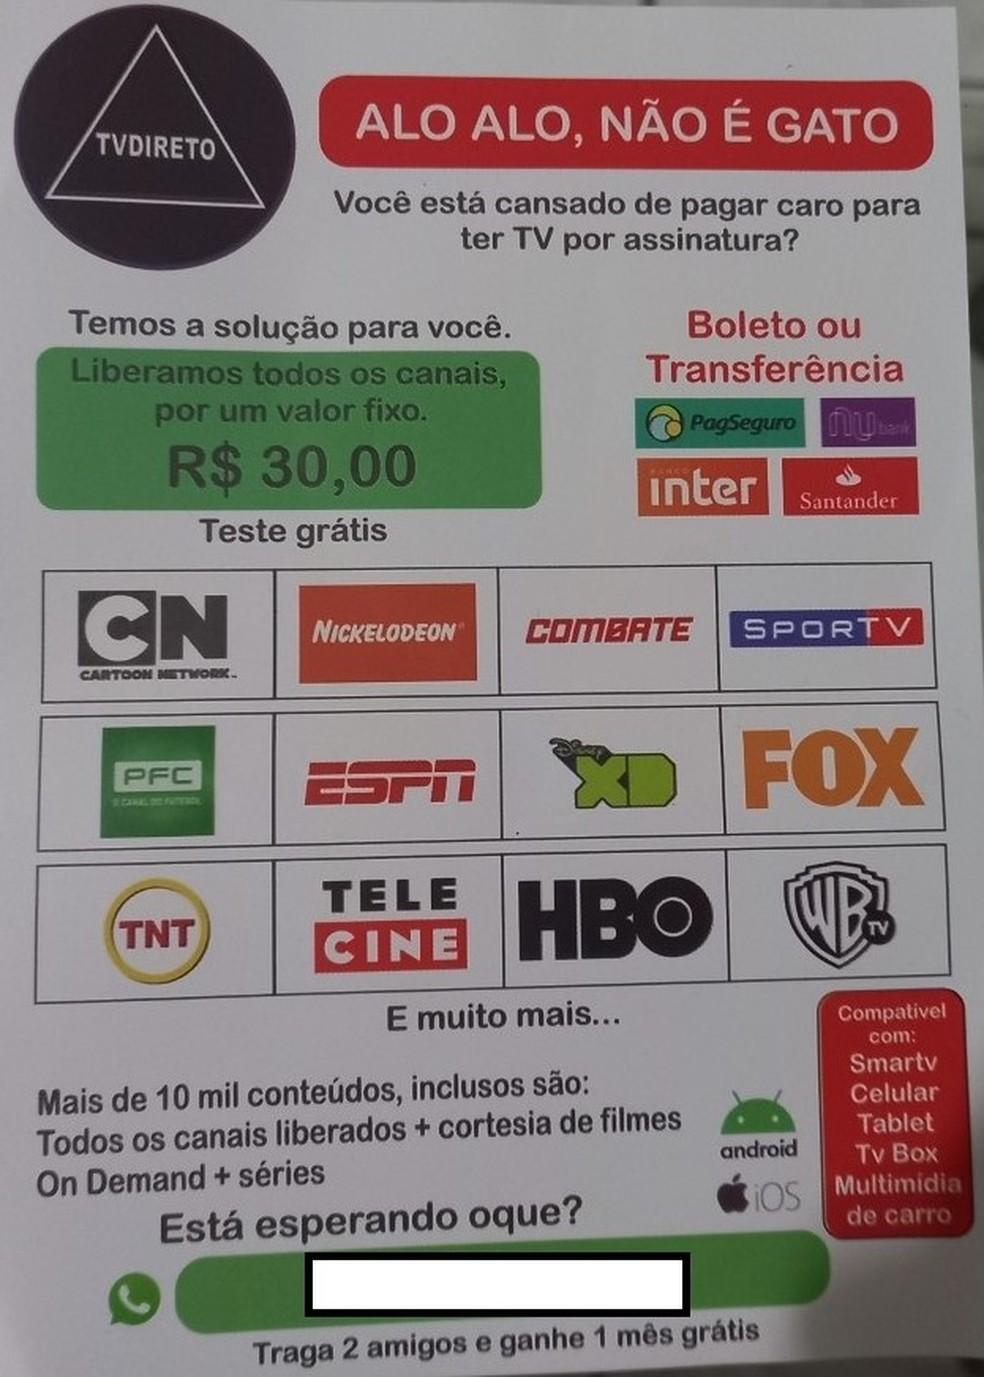 Em folheto, vendedor de gatonet oferece todo o conteúdo de filmes e TV por assinatura por apenas R$ 30 mensais. — Foto: Alba Valéria Mendonça/G1